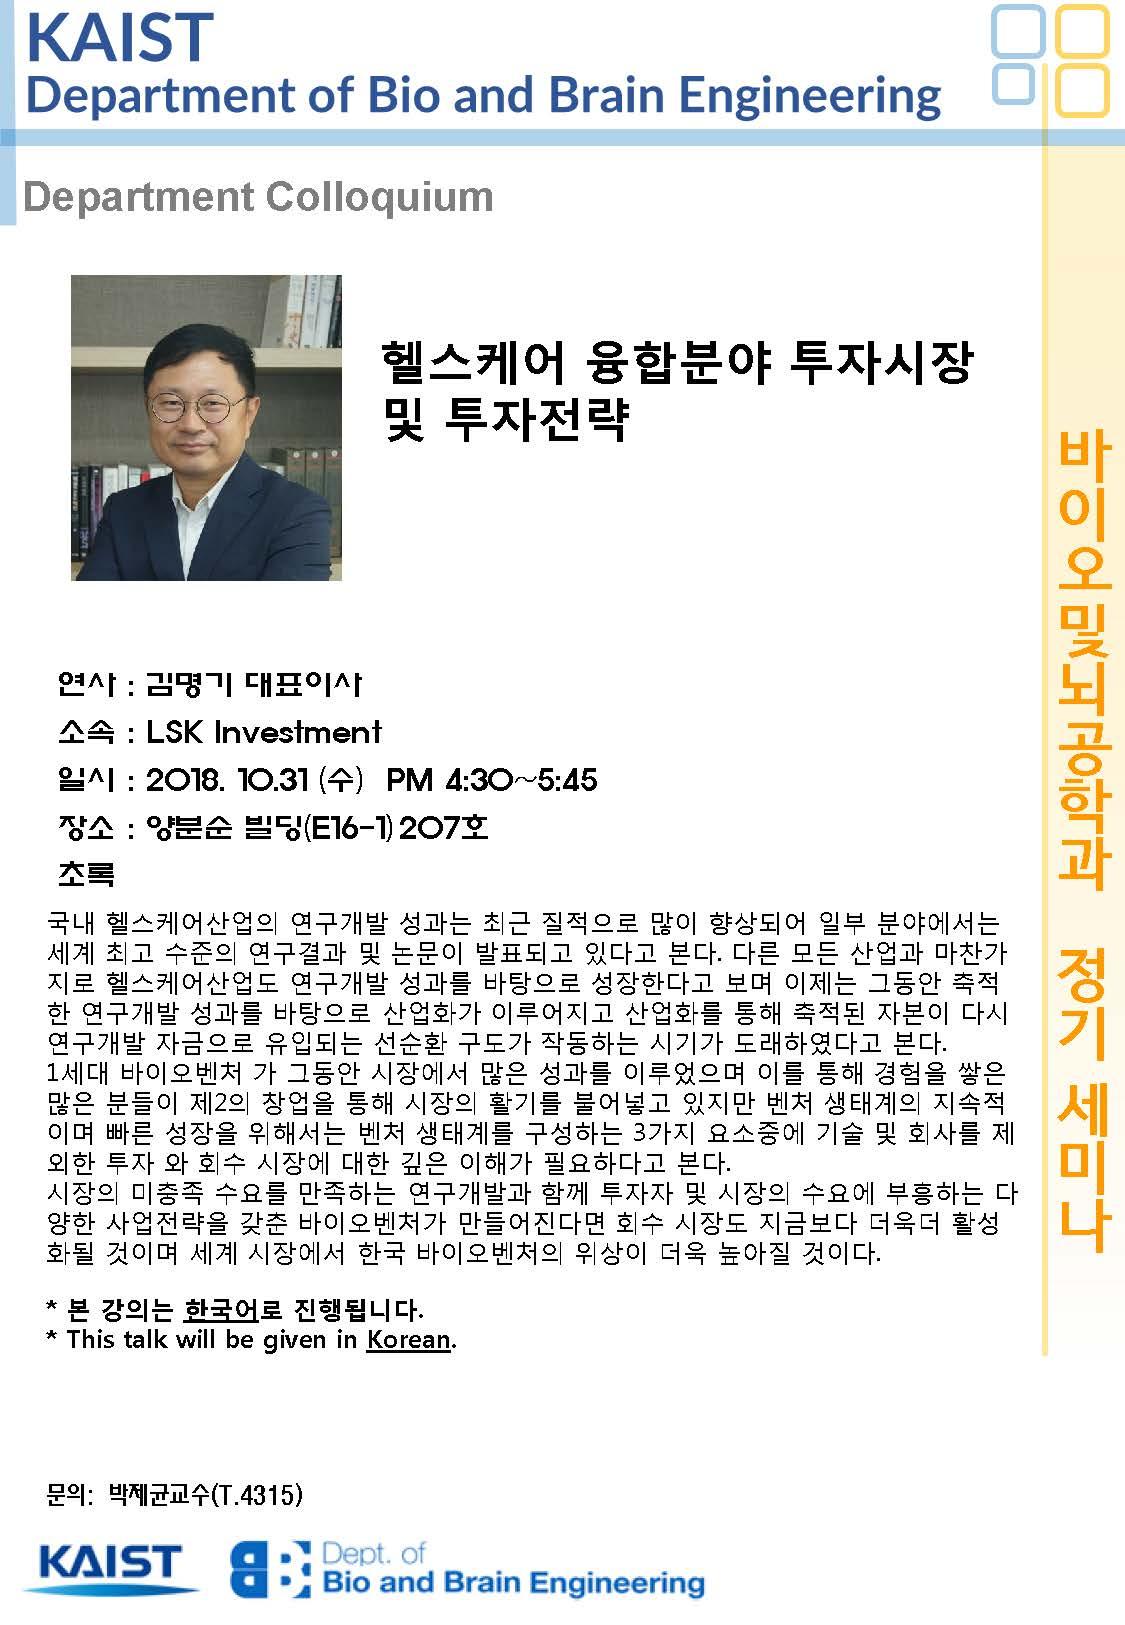 김명기대표_바이오및뇌공학과 정기세미나.jpg